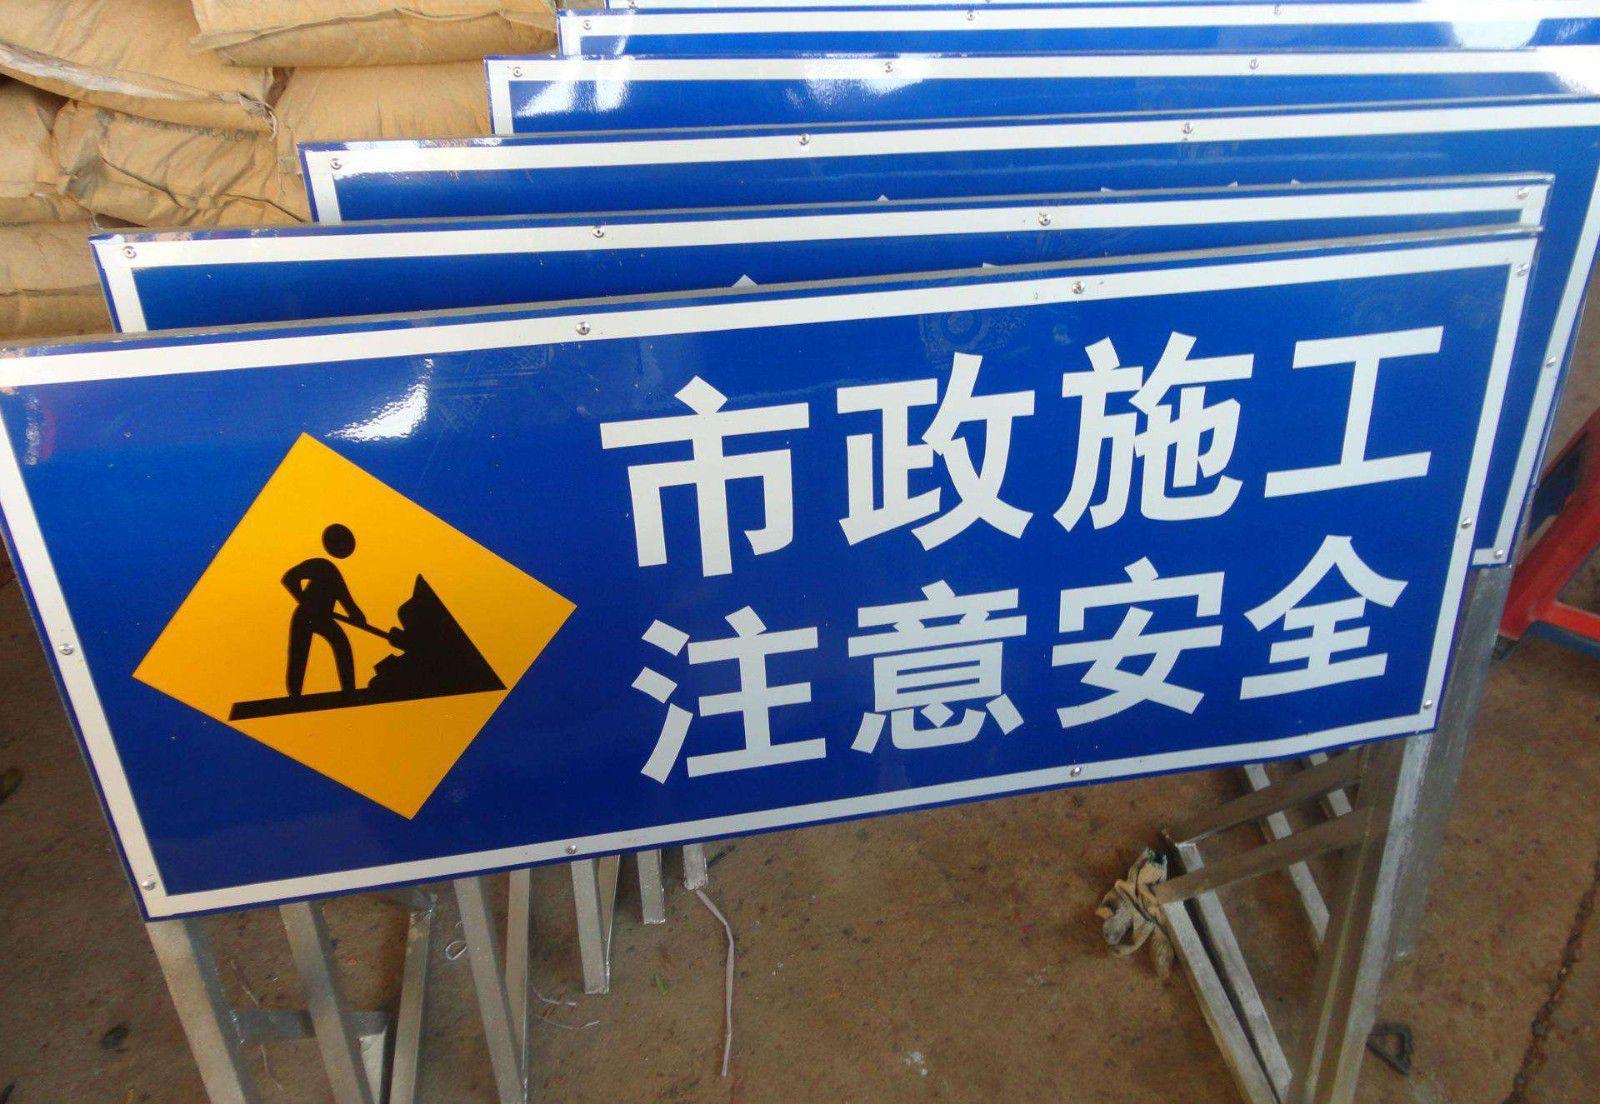 孟津标识标牌品质提升